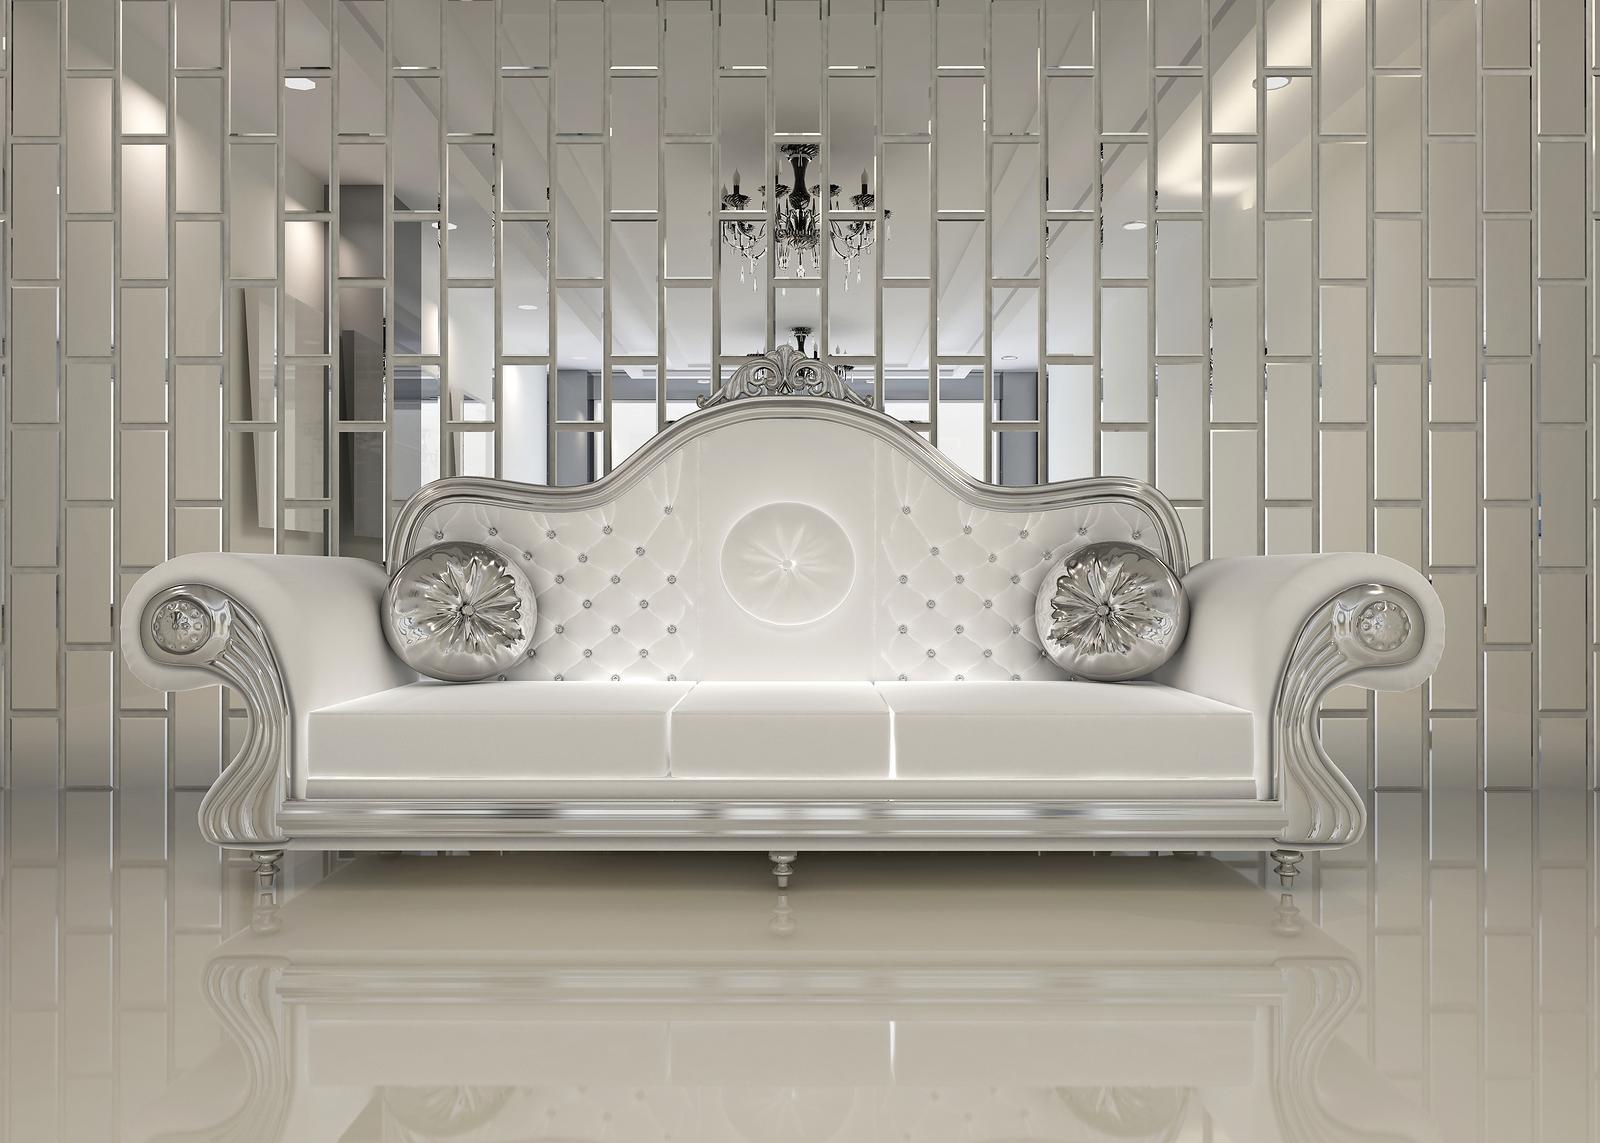 Baker Furniture Sofa Bed